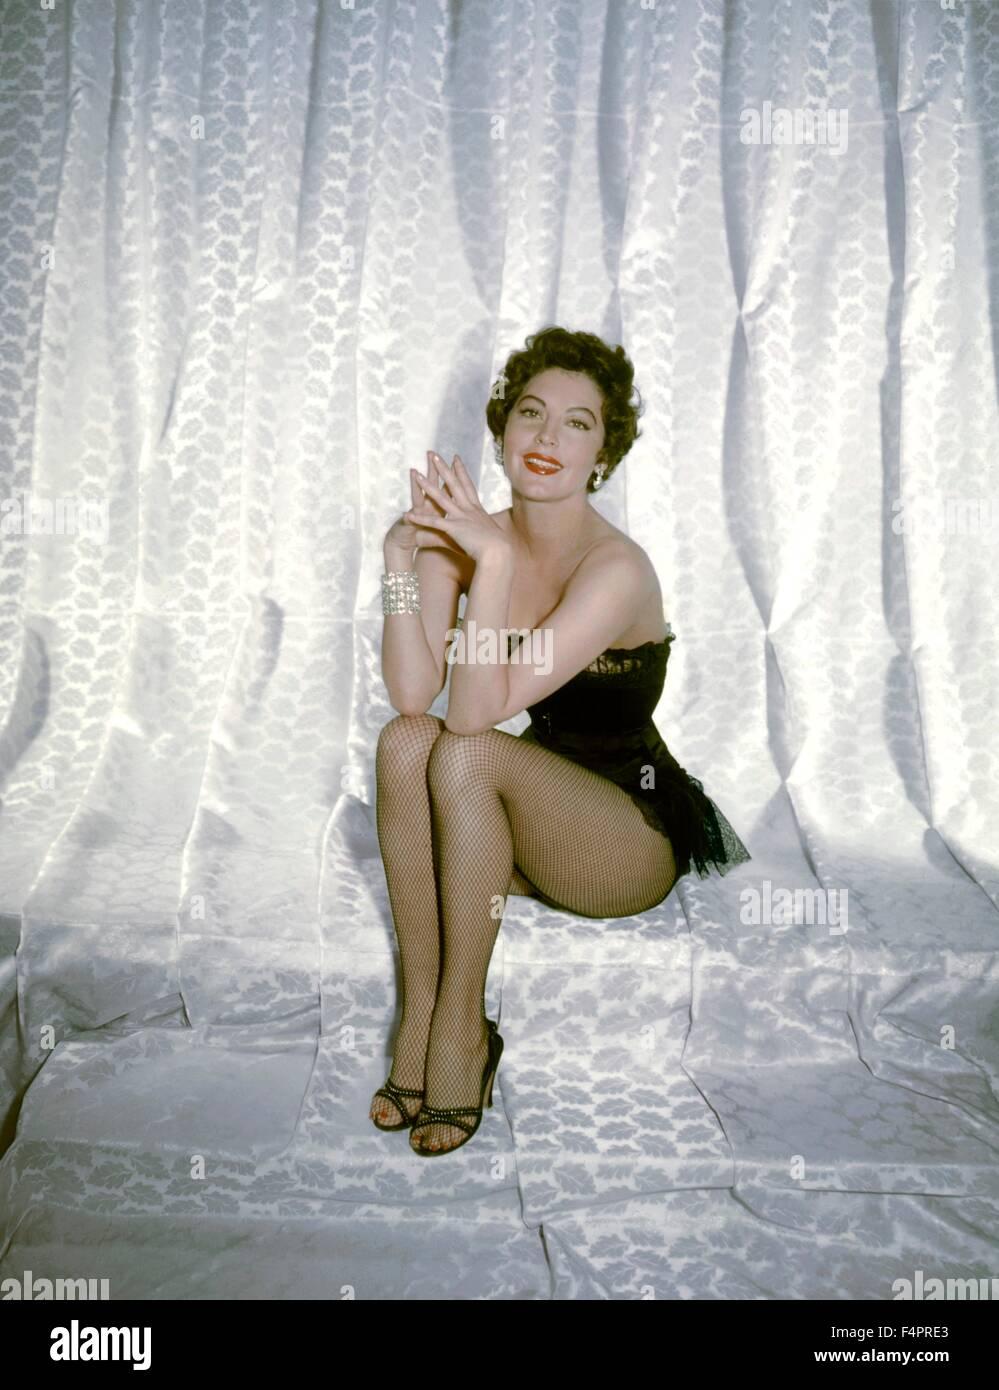 Ava Gardner in the 50's [Metro-Goldwyn-Mayer] - Stock Image